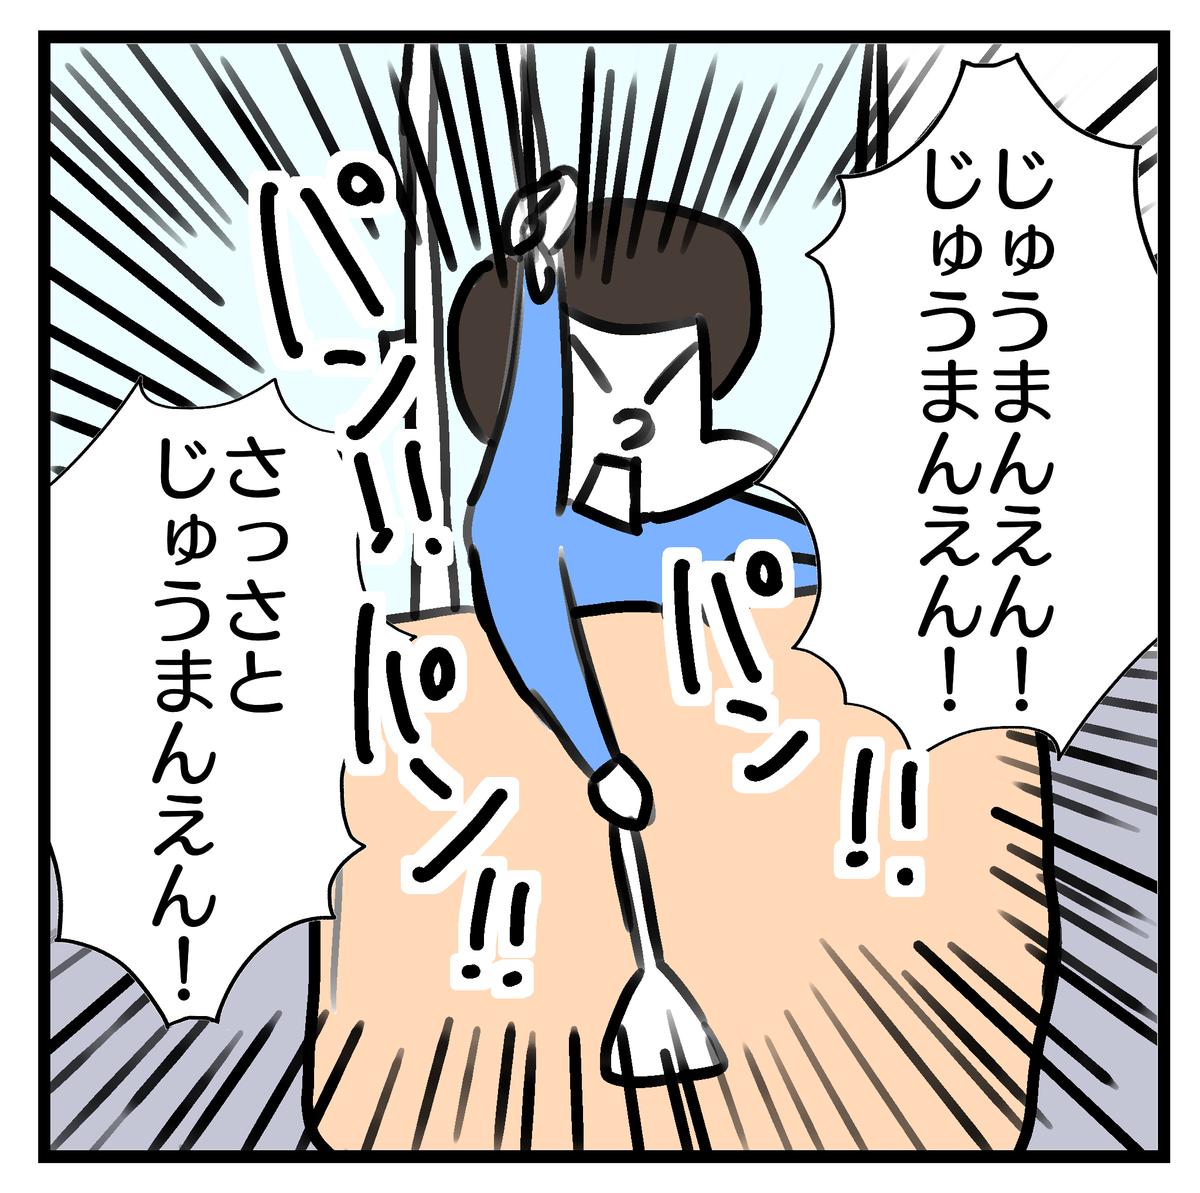 f:id:YuruFuwaTa:20200623104415p:plain